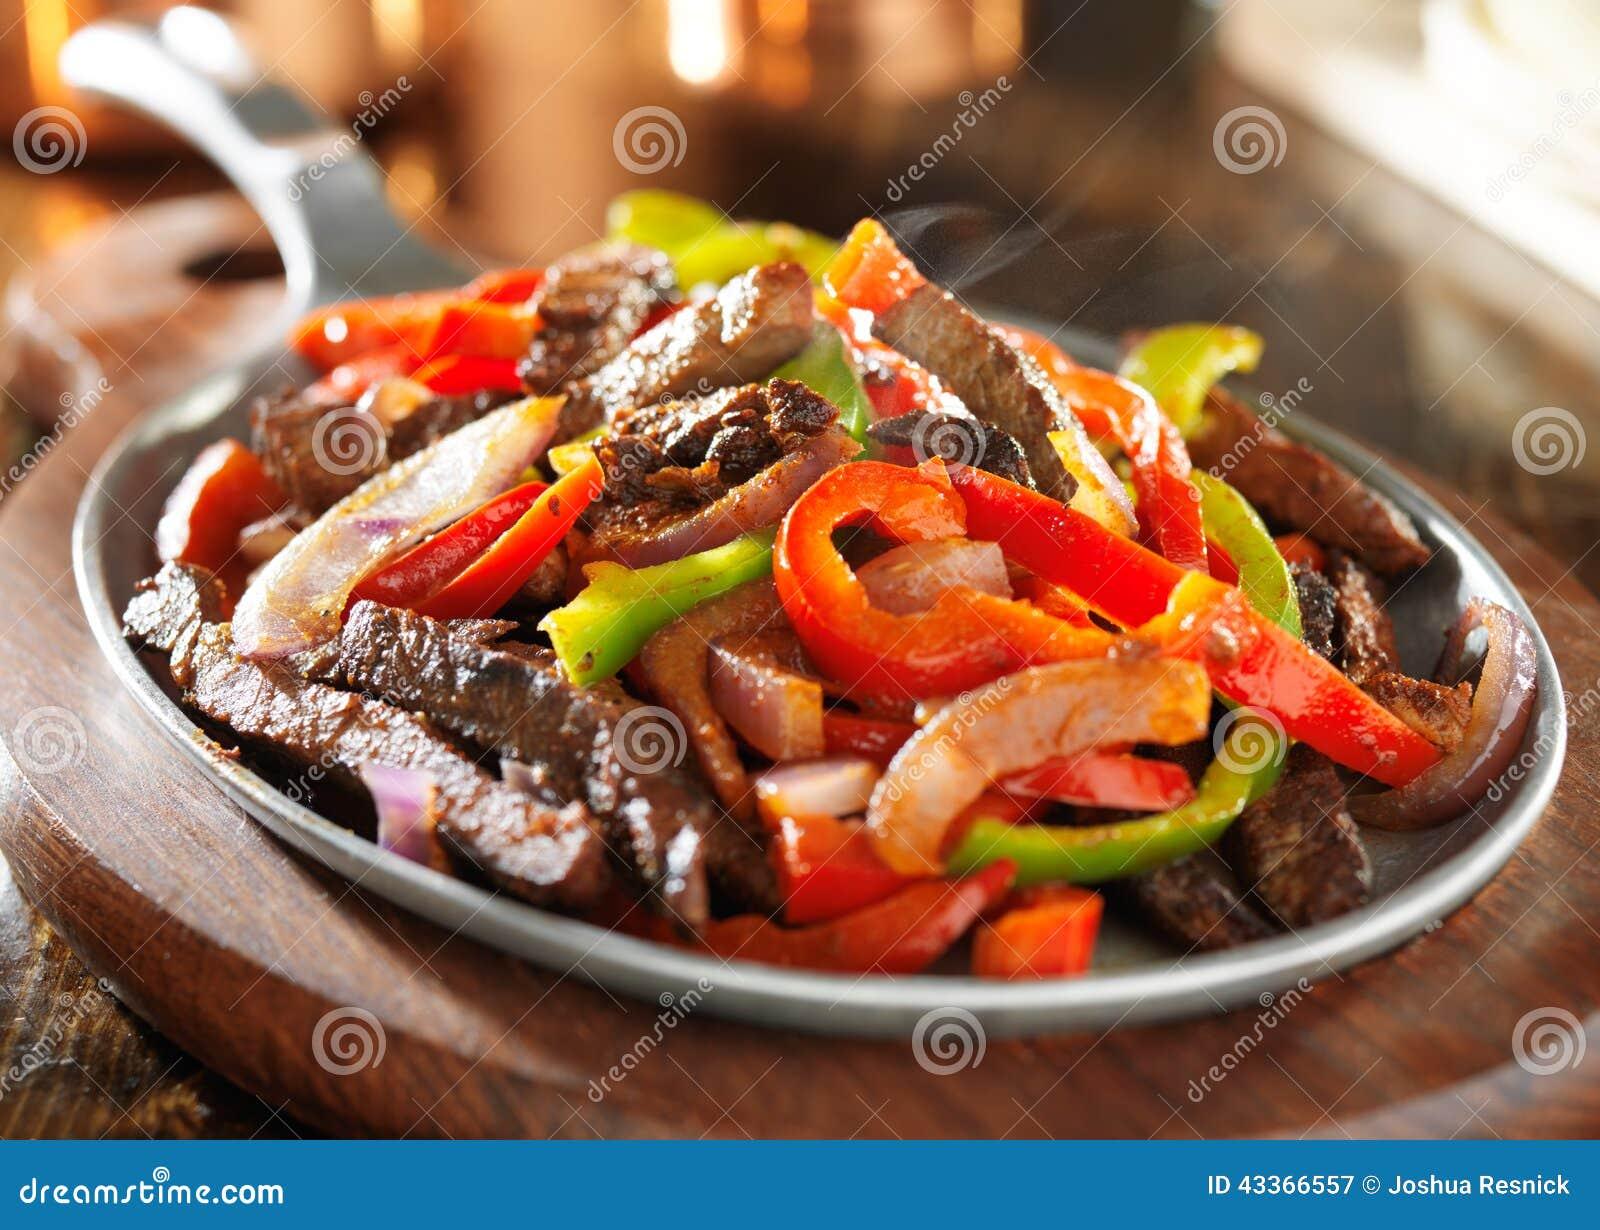 Fajita Beef Recipe